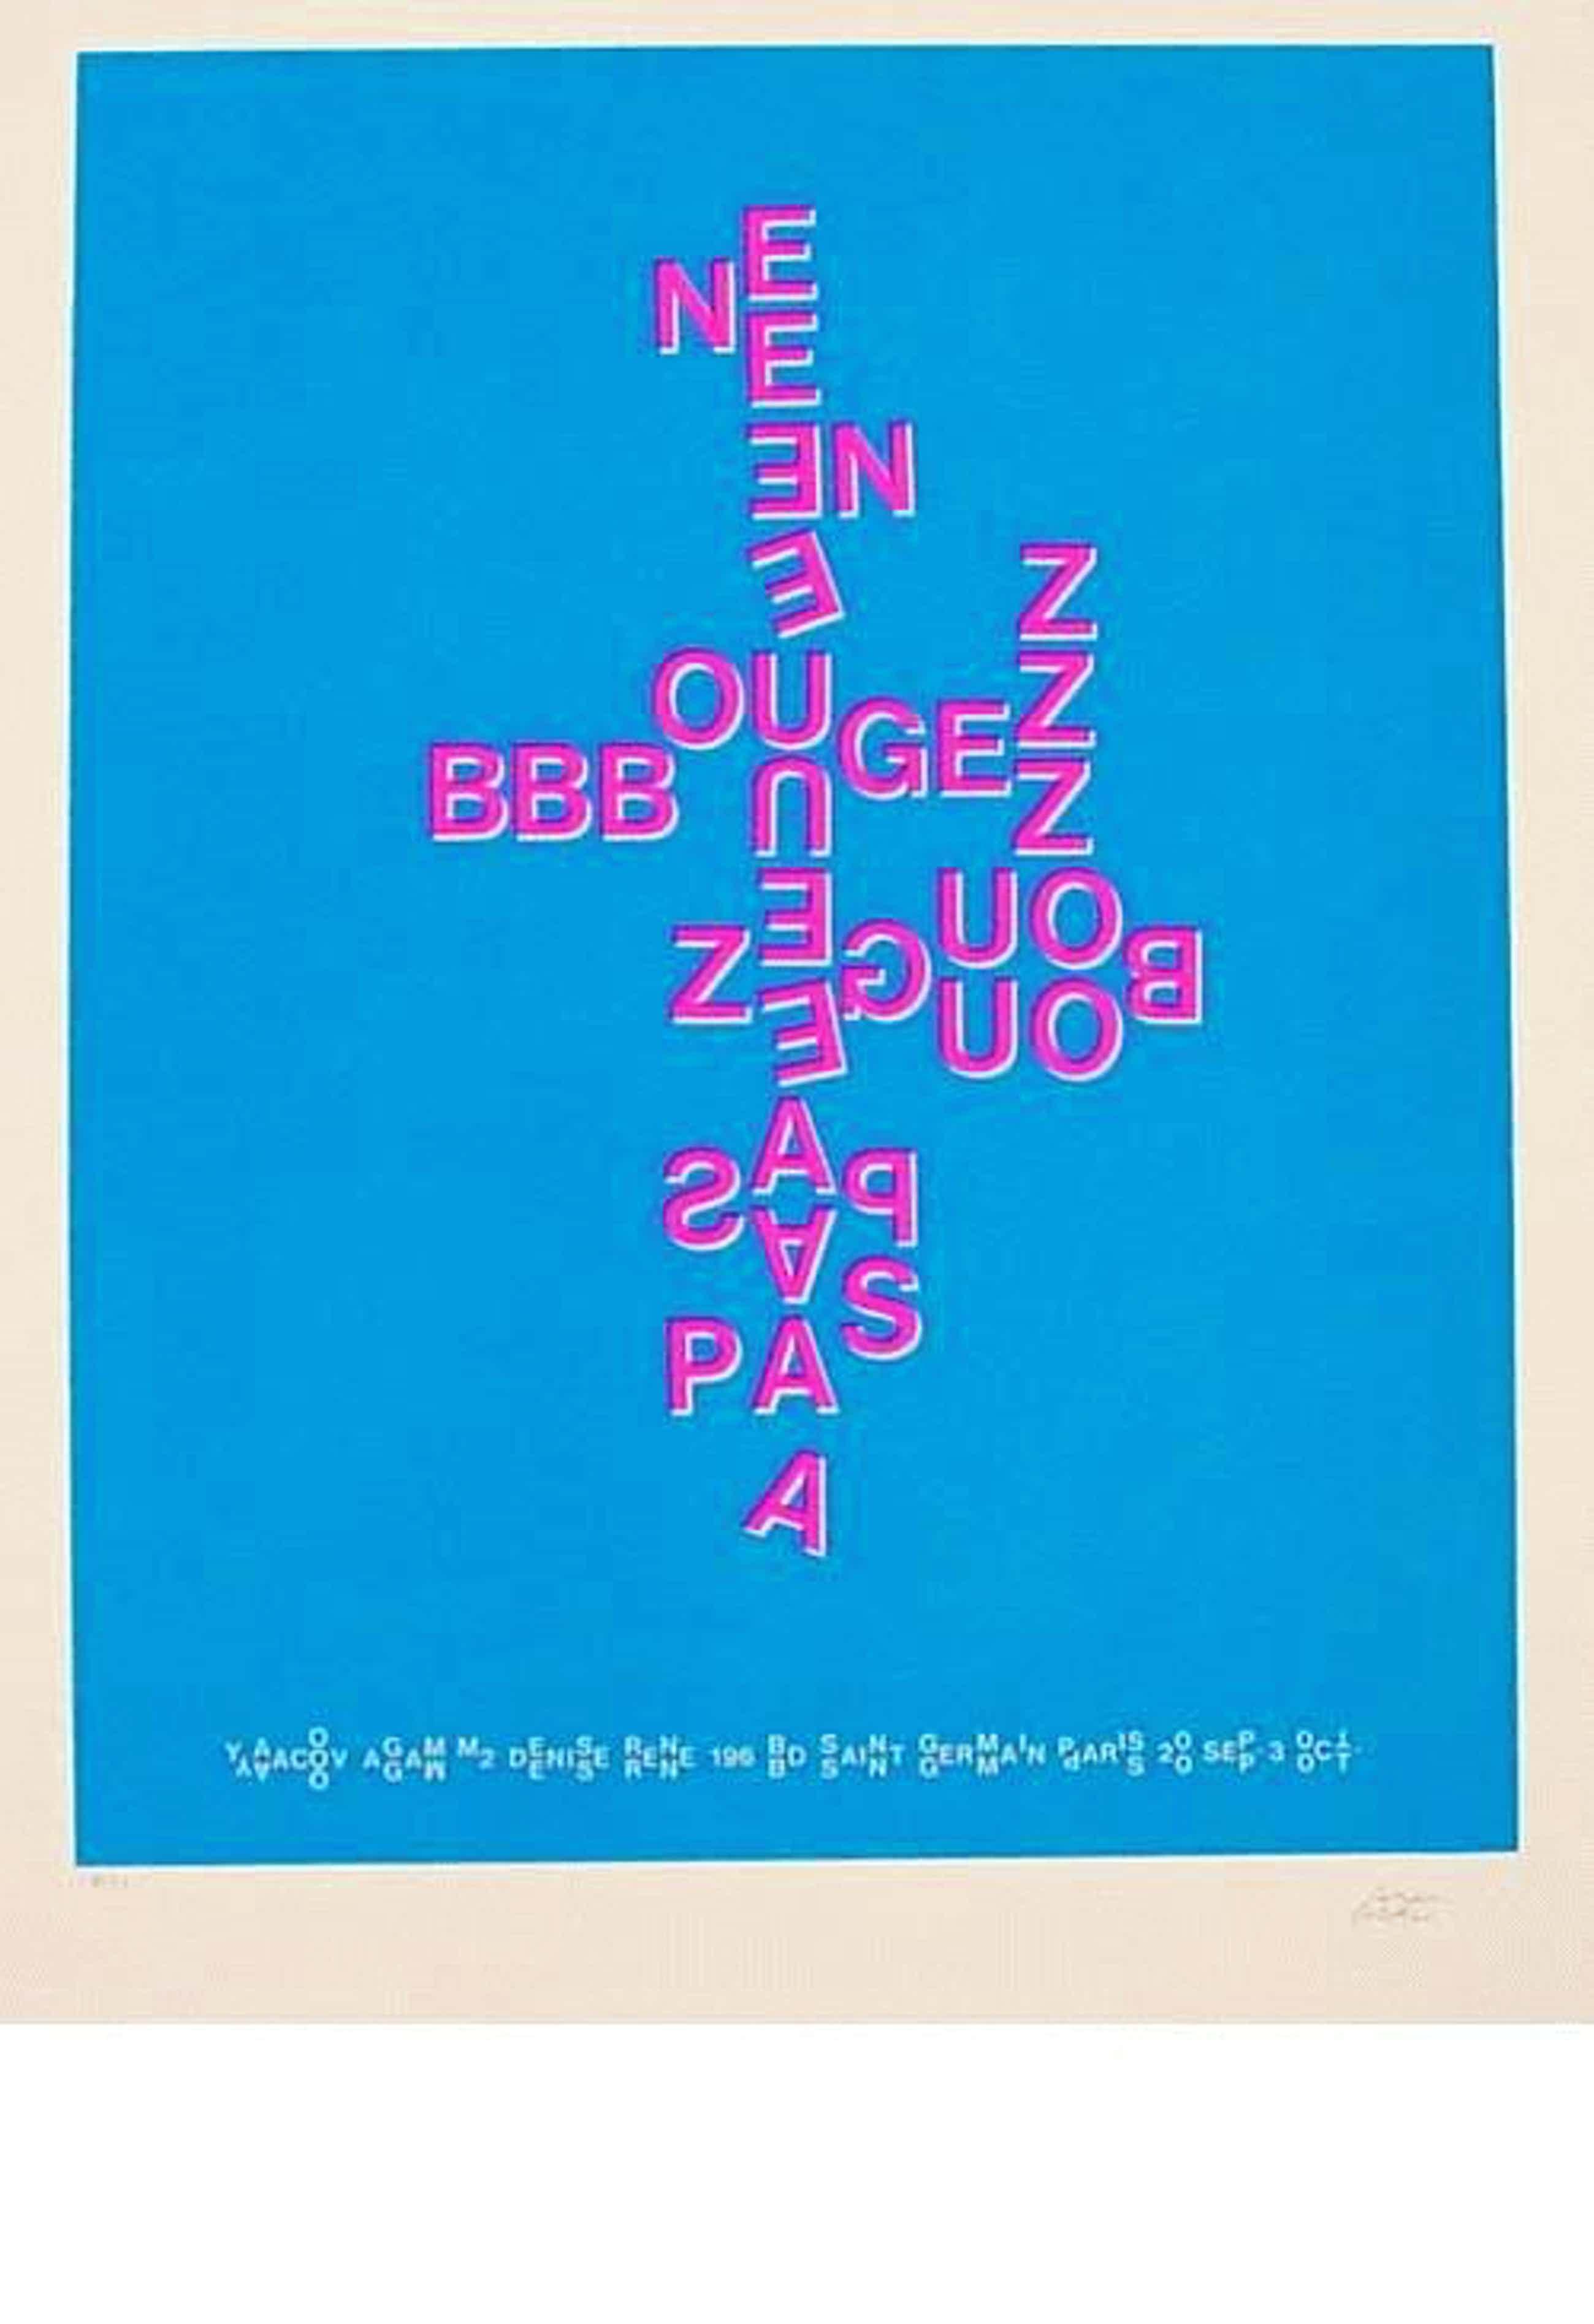 Yaacov Agam - -NE BOUGEZ PAS - BLAU- Farbserigrafie, handsigniert und numeriert kopen? Bied vanaf 240!